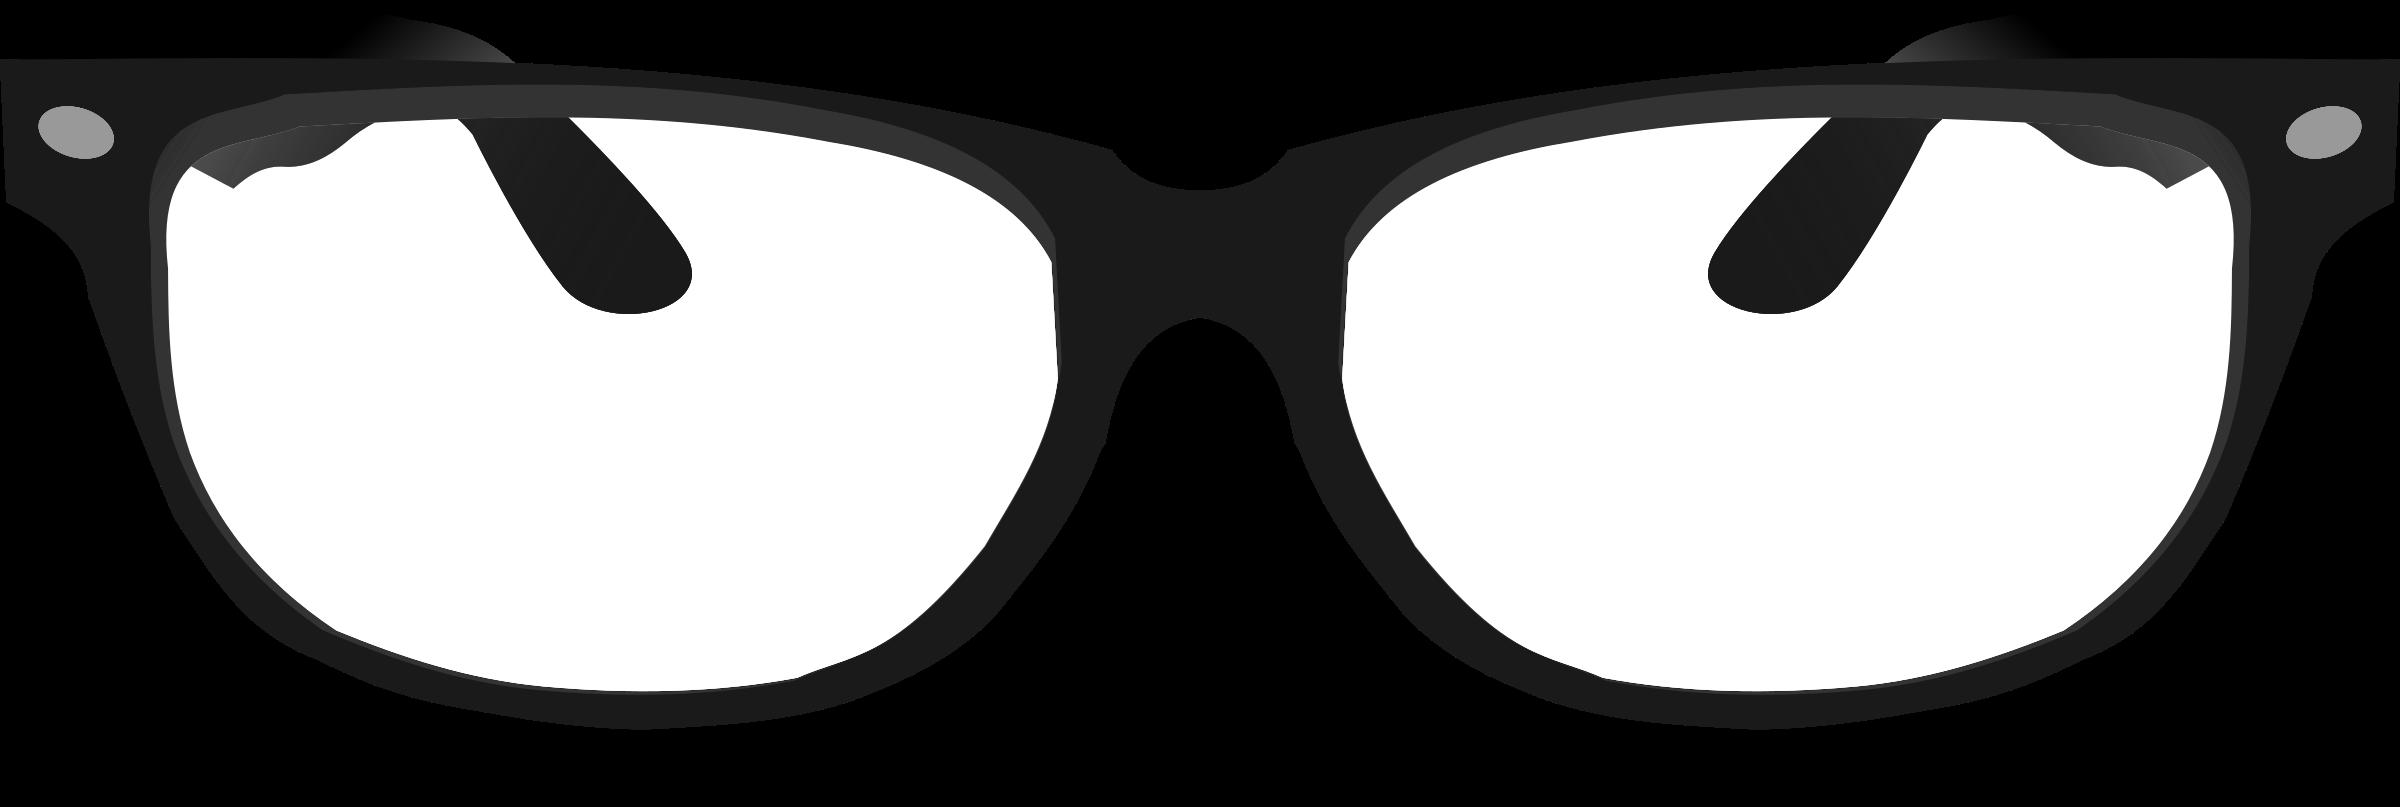 Glasses. Glass clipart eye